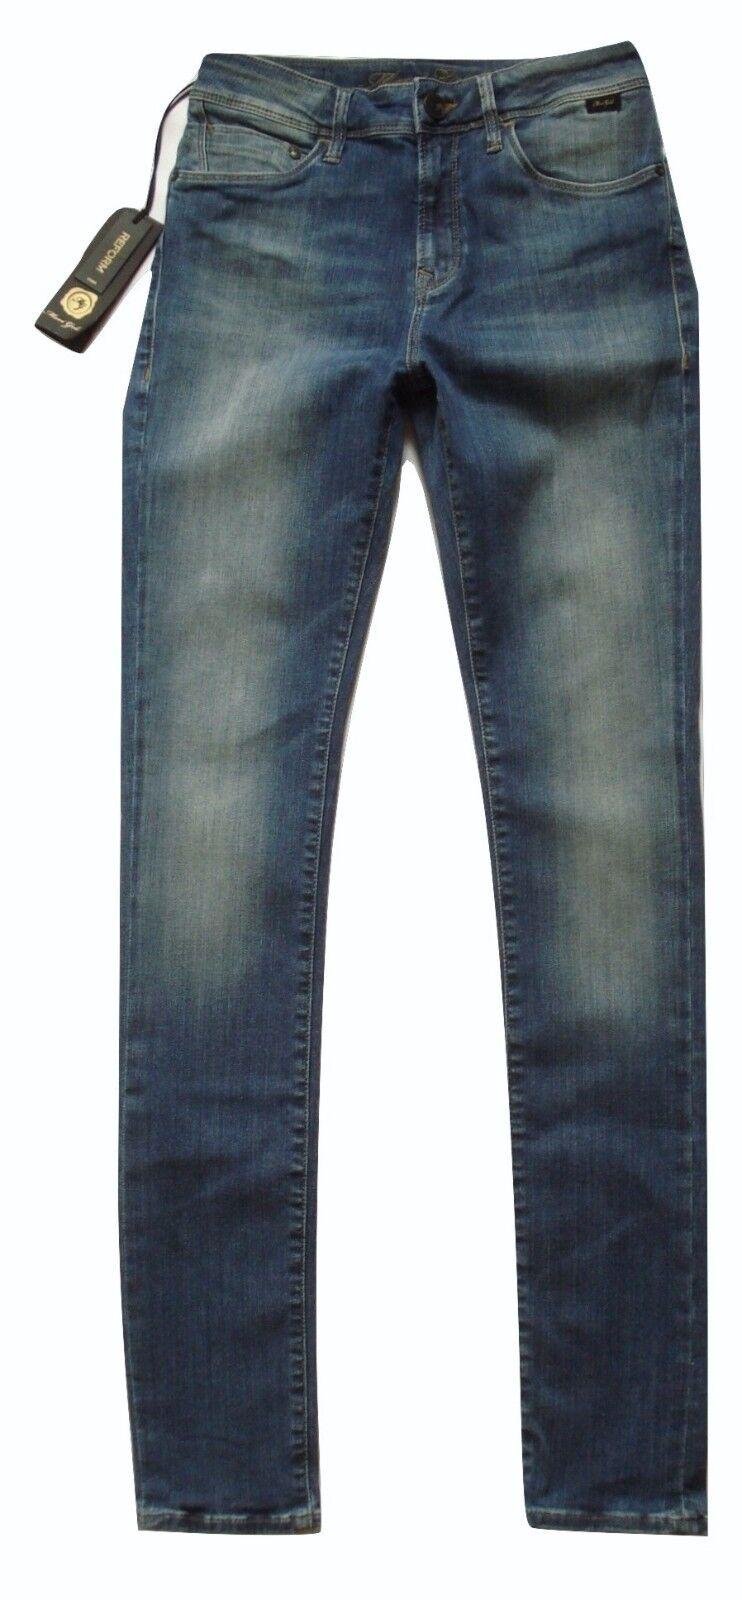 Nouveau MAVI Alissa High-Rise Super Skinny Jeans sz 27 32 laver à la mi or Reform